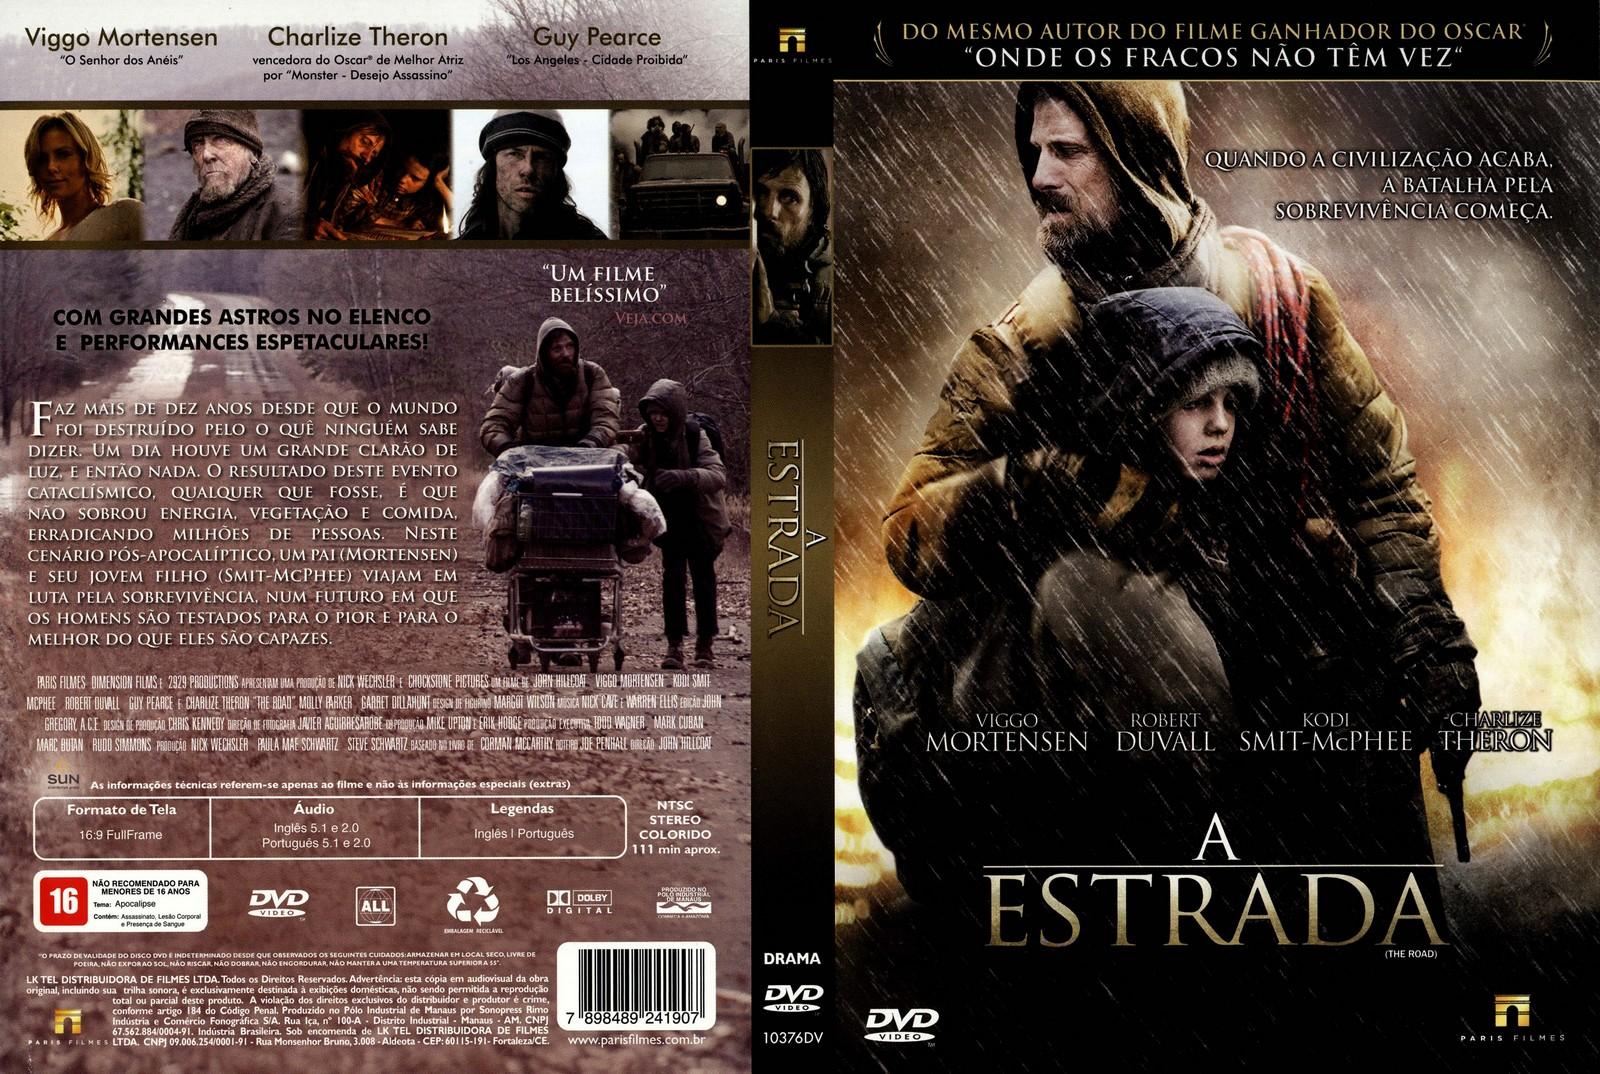 http://1.bp.blogspot.com/_pnOdTUC4iSY/TESed13TysI/AAAAAAAAAQ8/iwFF0jaABjM/s1600/A-Estrada.jpg